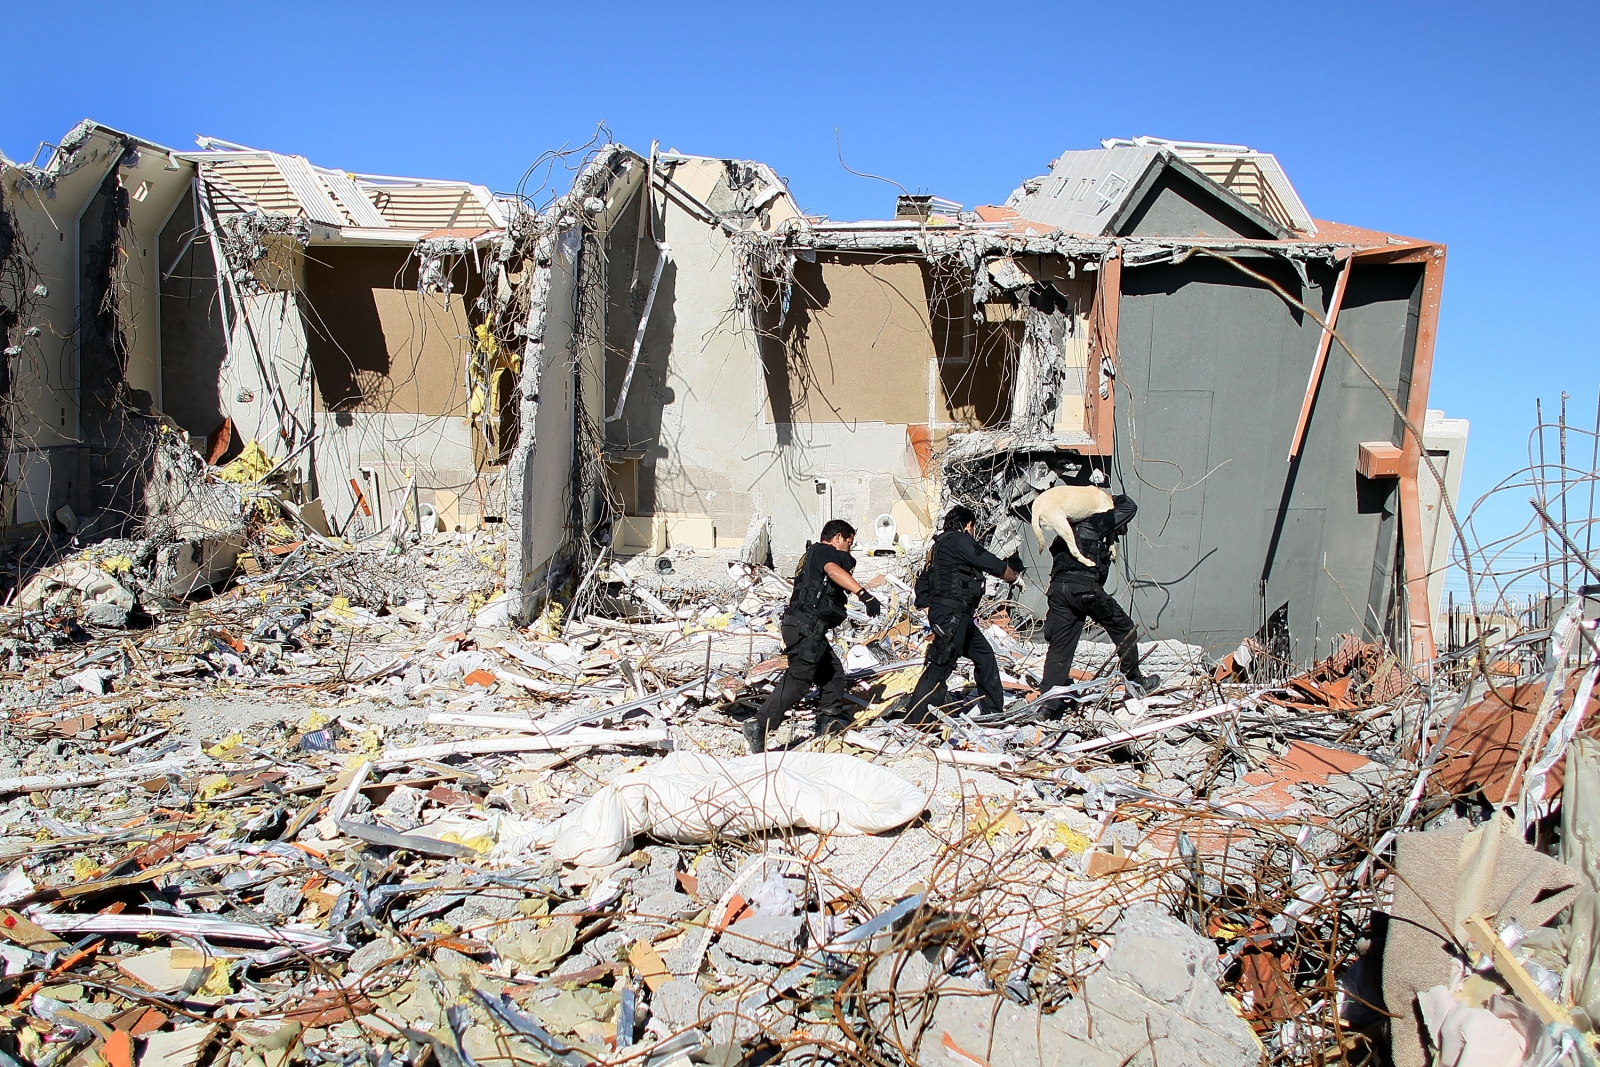 Chile 2010 earthquake